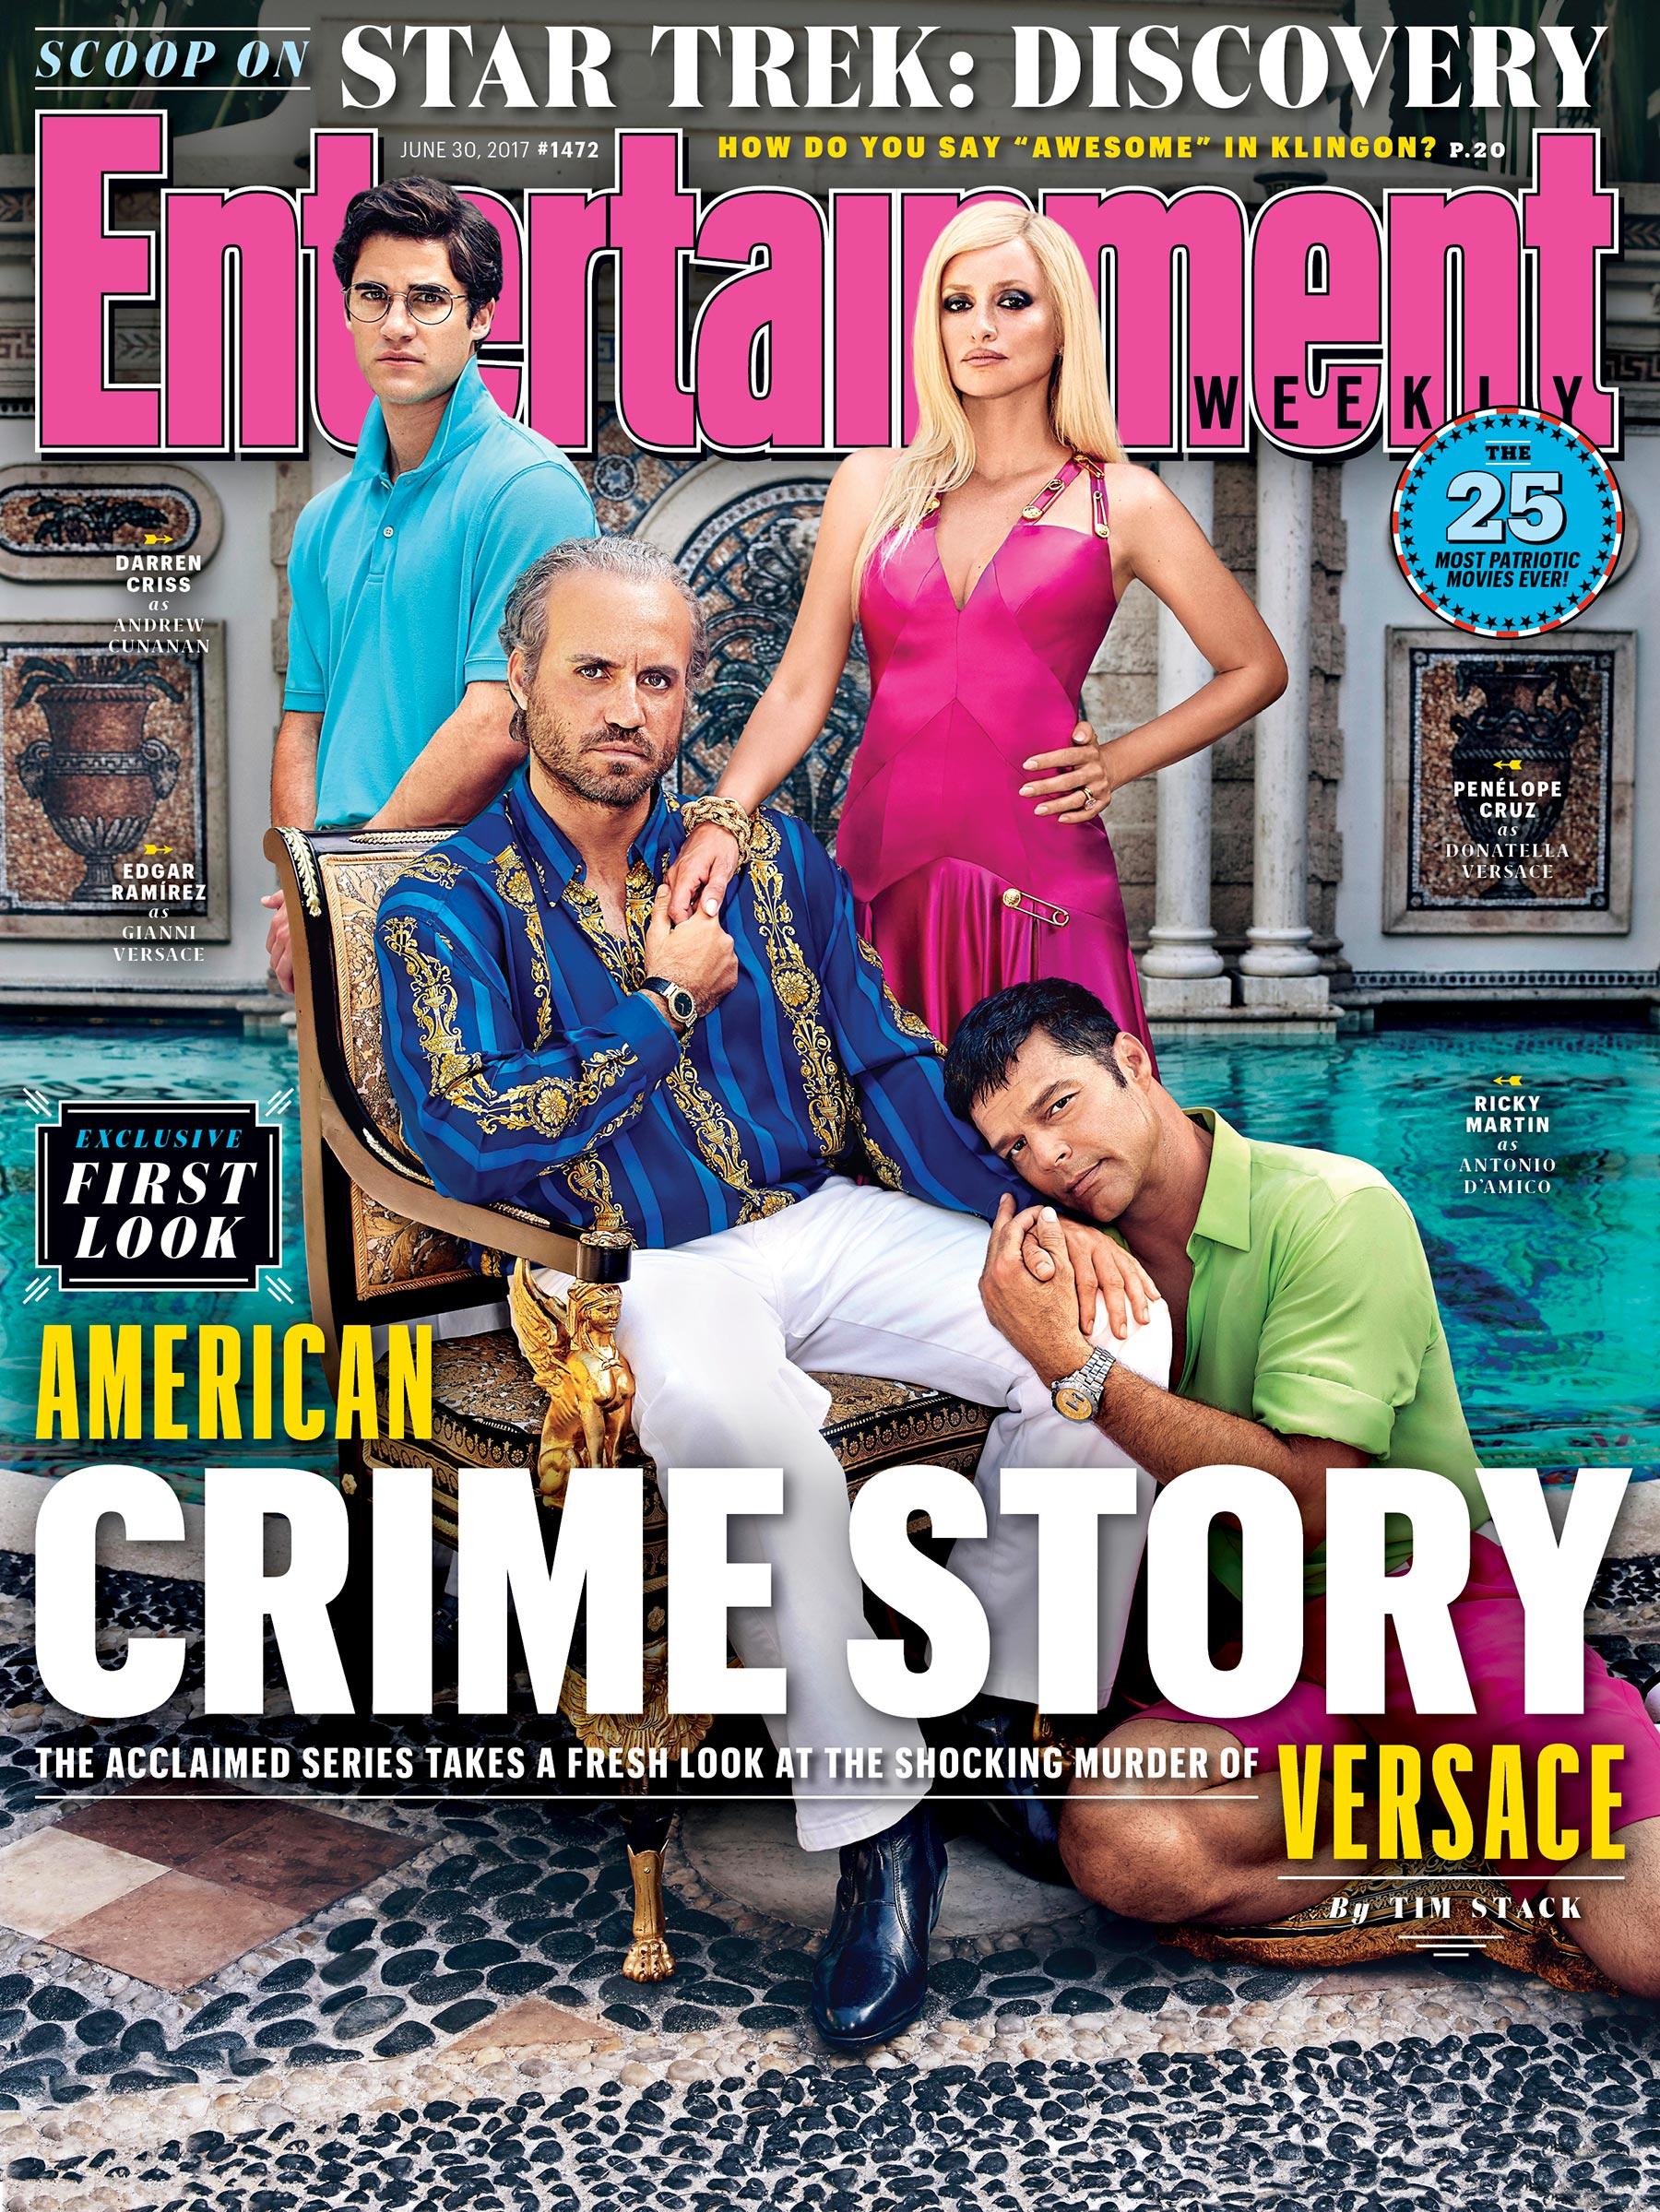 versace ew cover.jpg